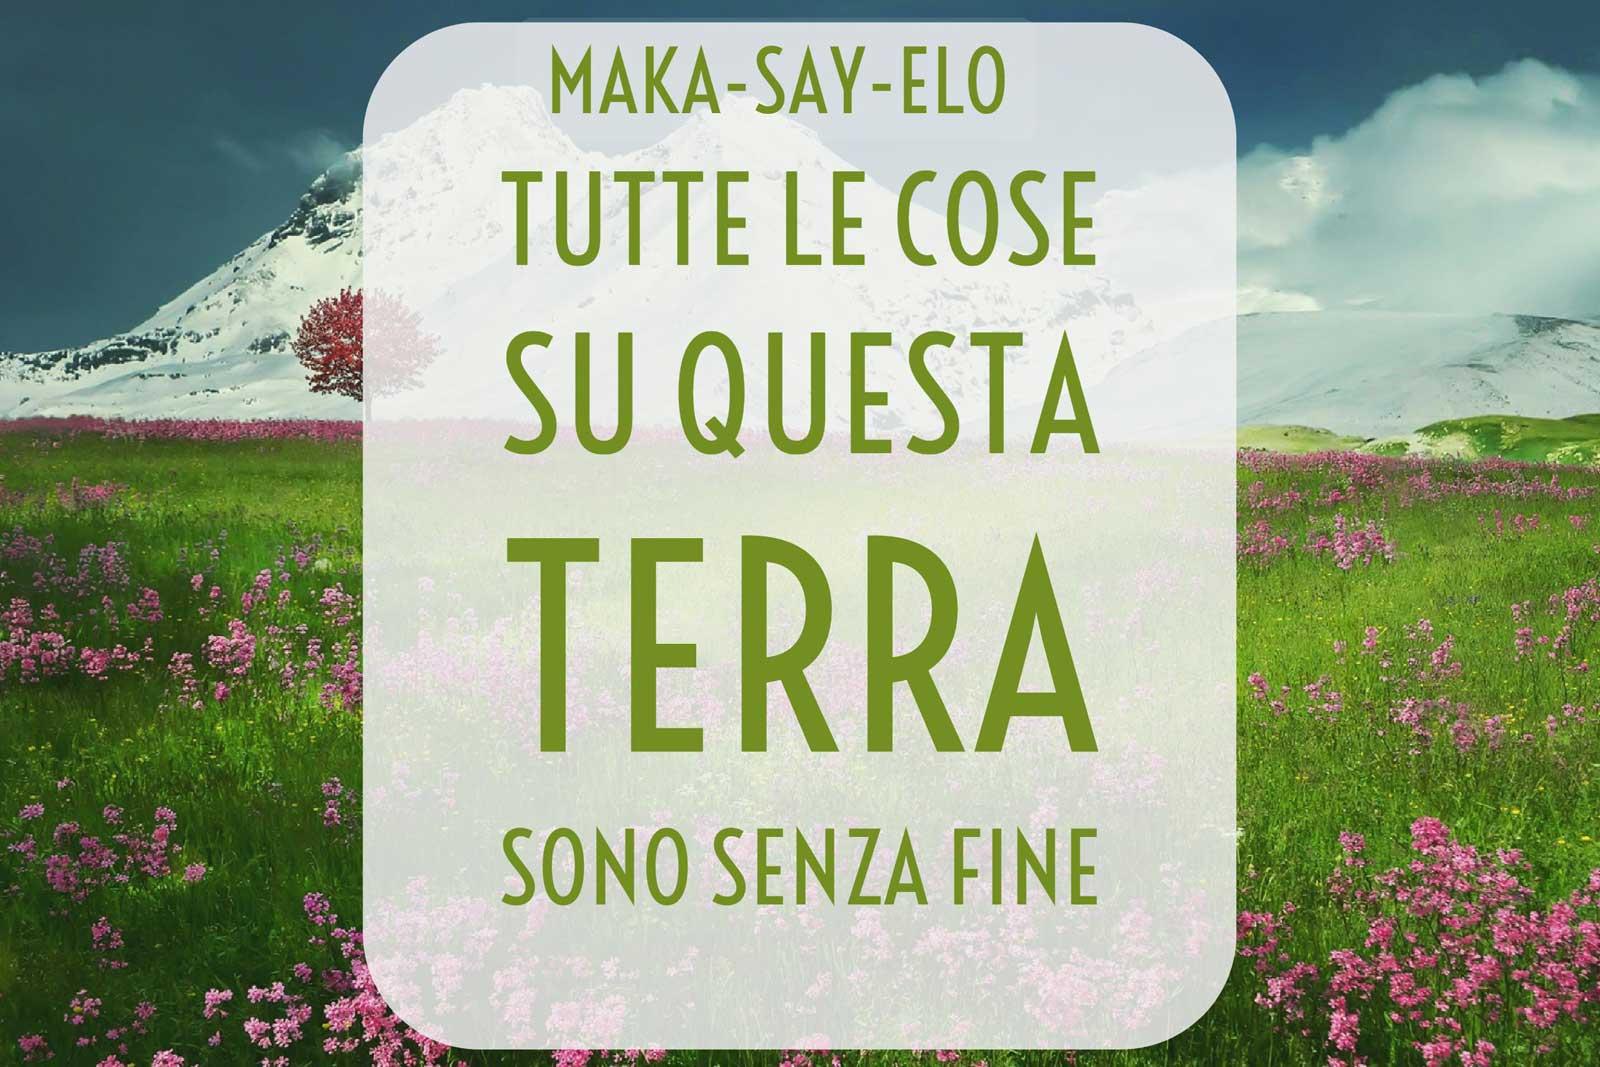 maka.say.elo